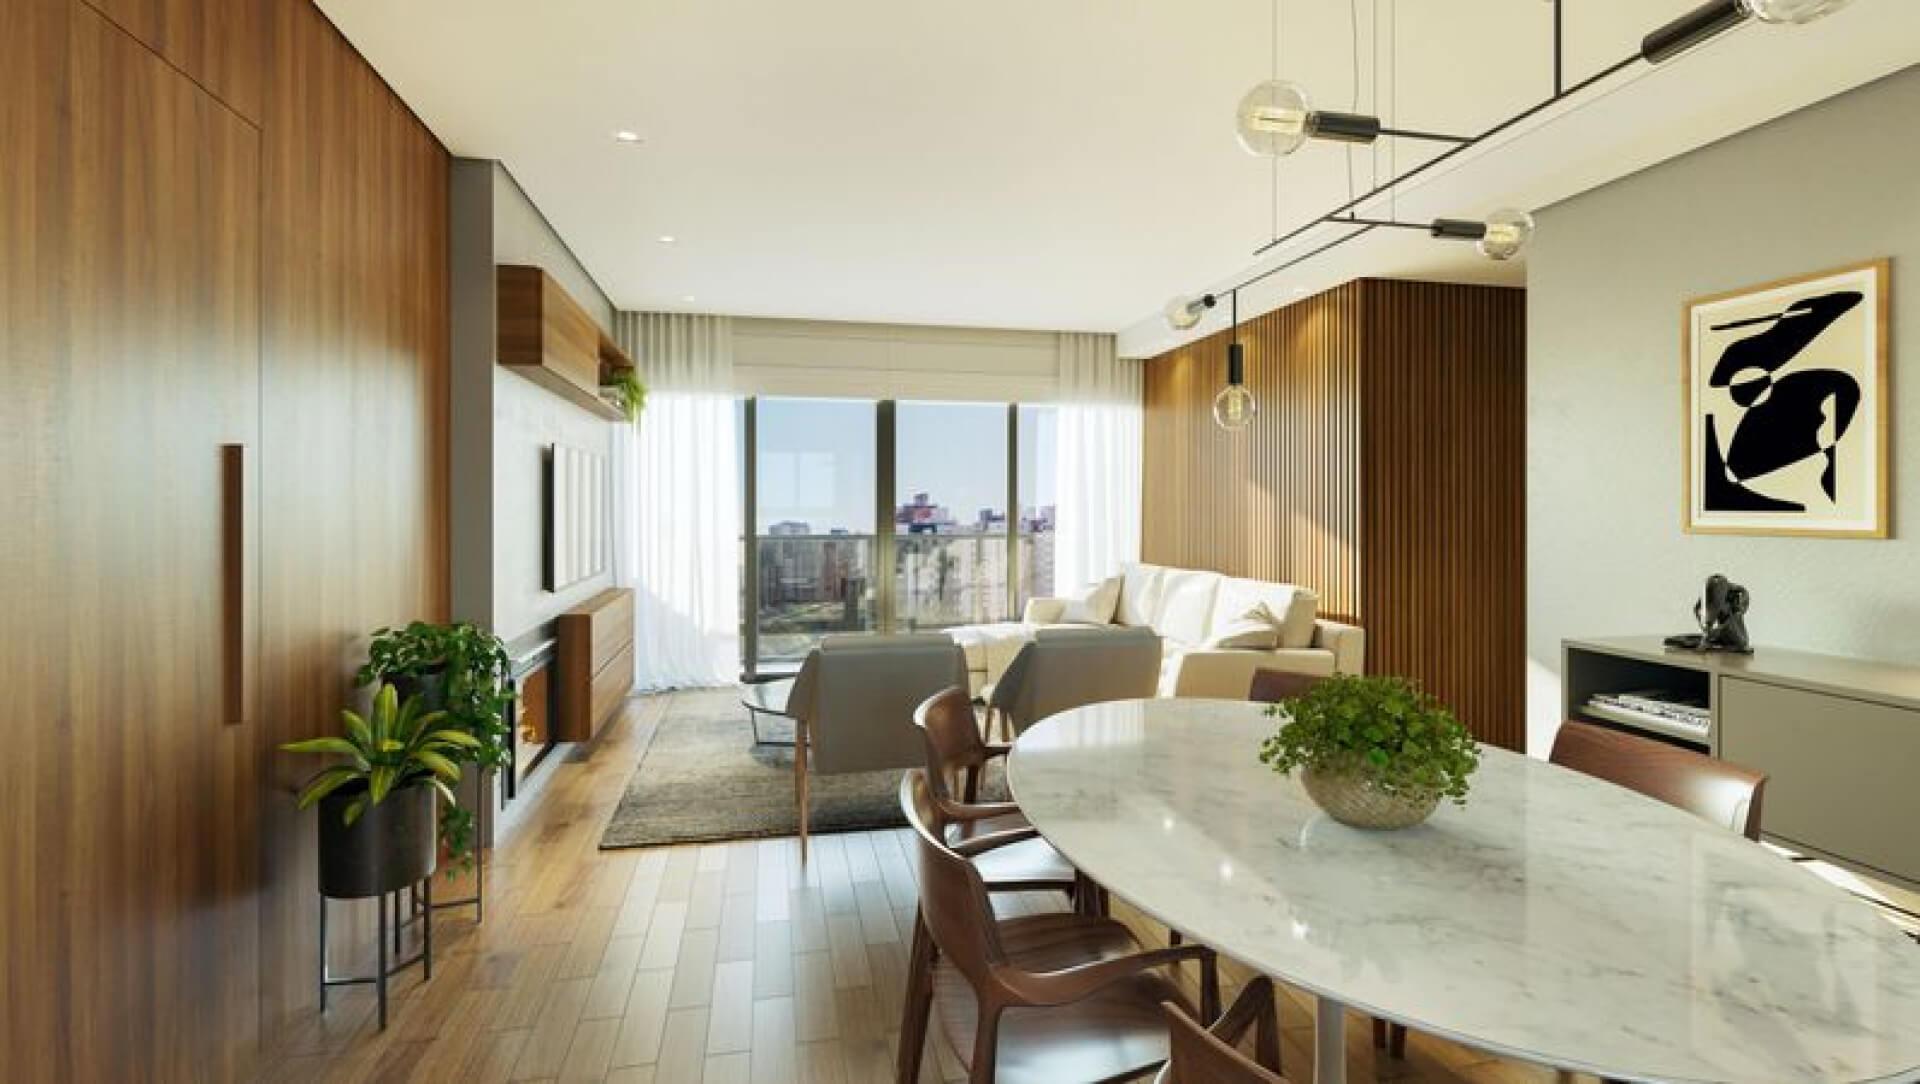 """LIVING do apto de 103 m² com ampla área social, totalizando em mais de 26 m². Com sofá em """"L"""", poltronas e uma mesa de jantar para 6 lugares, é um espaço confortável e ideal para receber convidados, destaque para a lareira na sala de estar."""